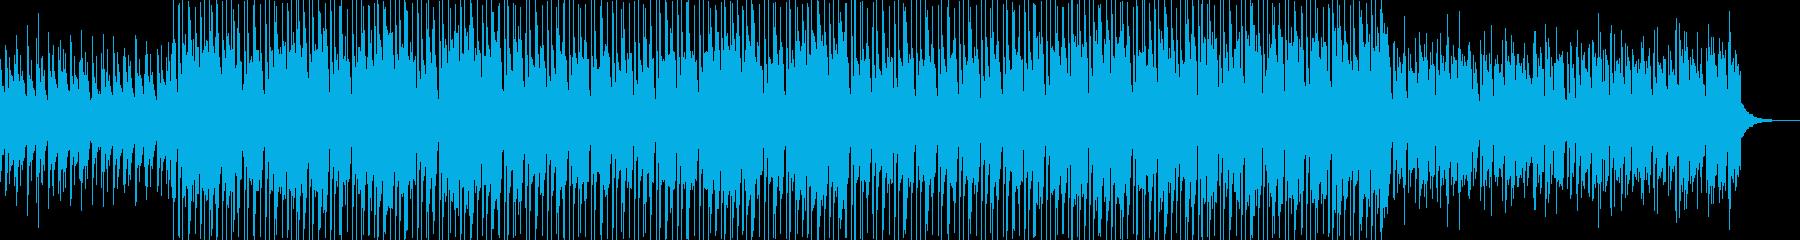 口笛とウクレレの楽しい楽曲の再生済みの波形